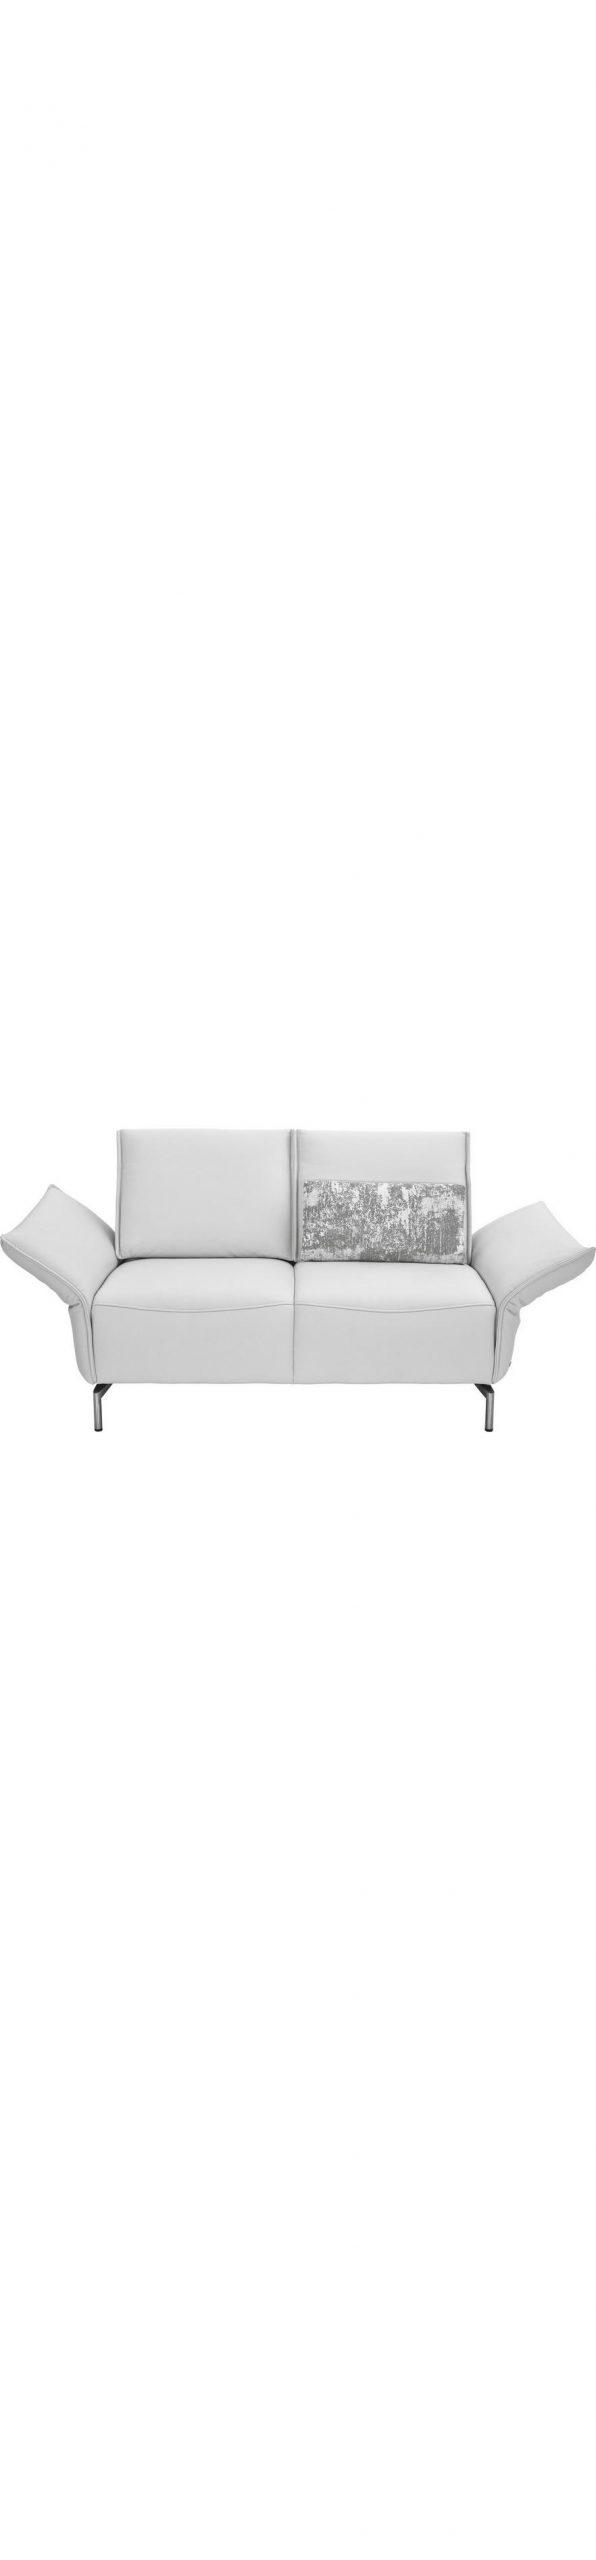 Full Size of Koinor Sofa Francis 2 Sitzer Gebraucht Kaufen Leder Rot Zweisitzer Echtleder Wei Online Xxxlutz Stoff Günstig Landhausstil Lederpflege Chesterfield Togo Sofa Koinor Sofa